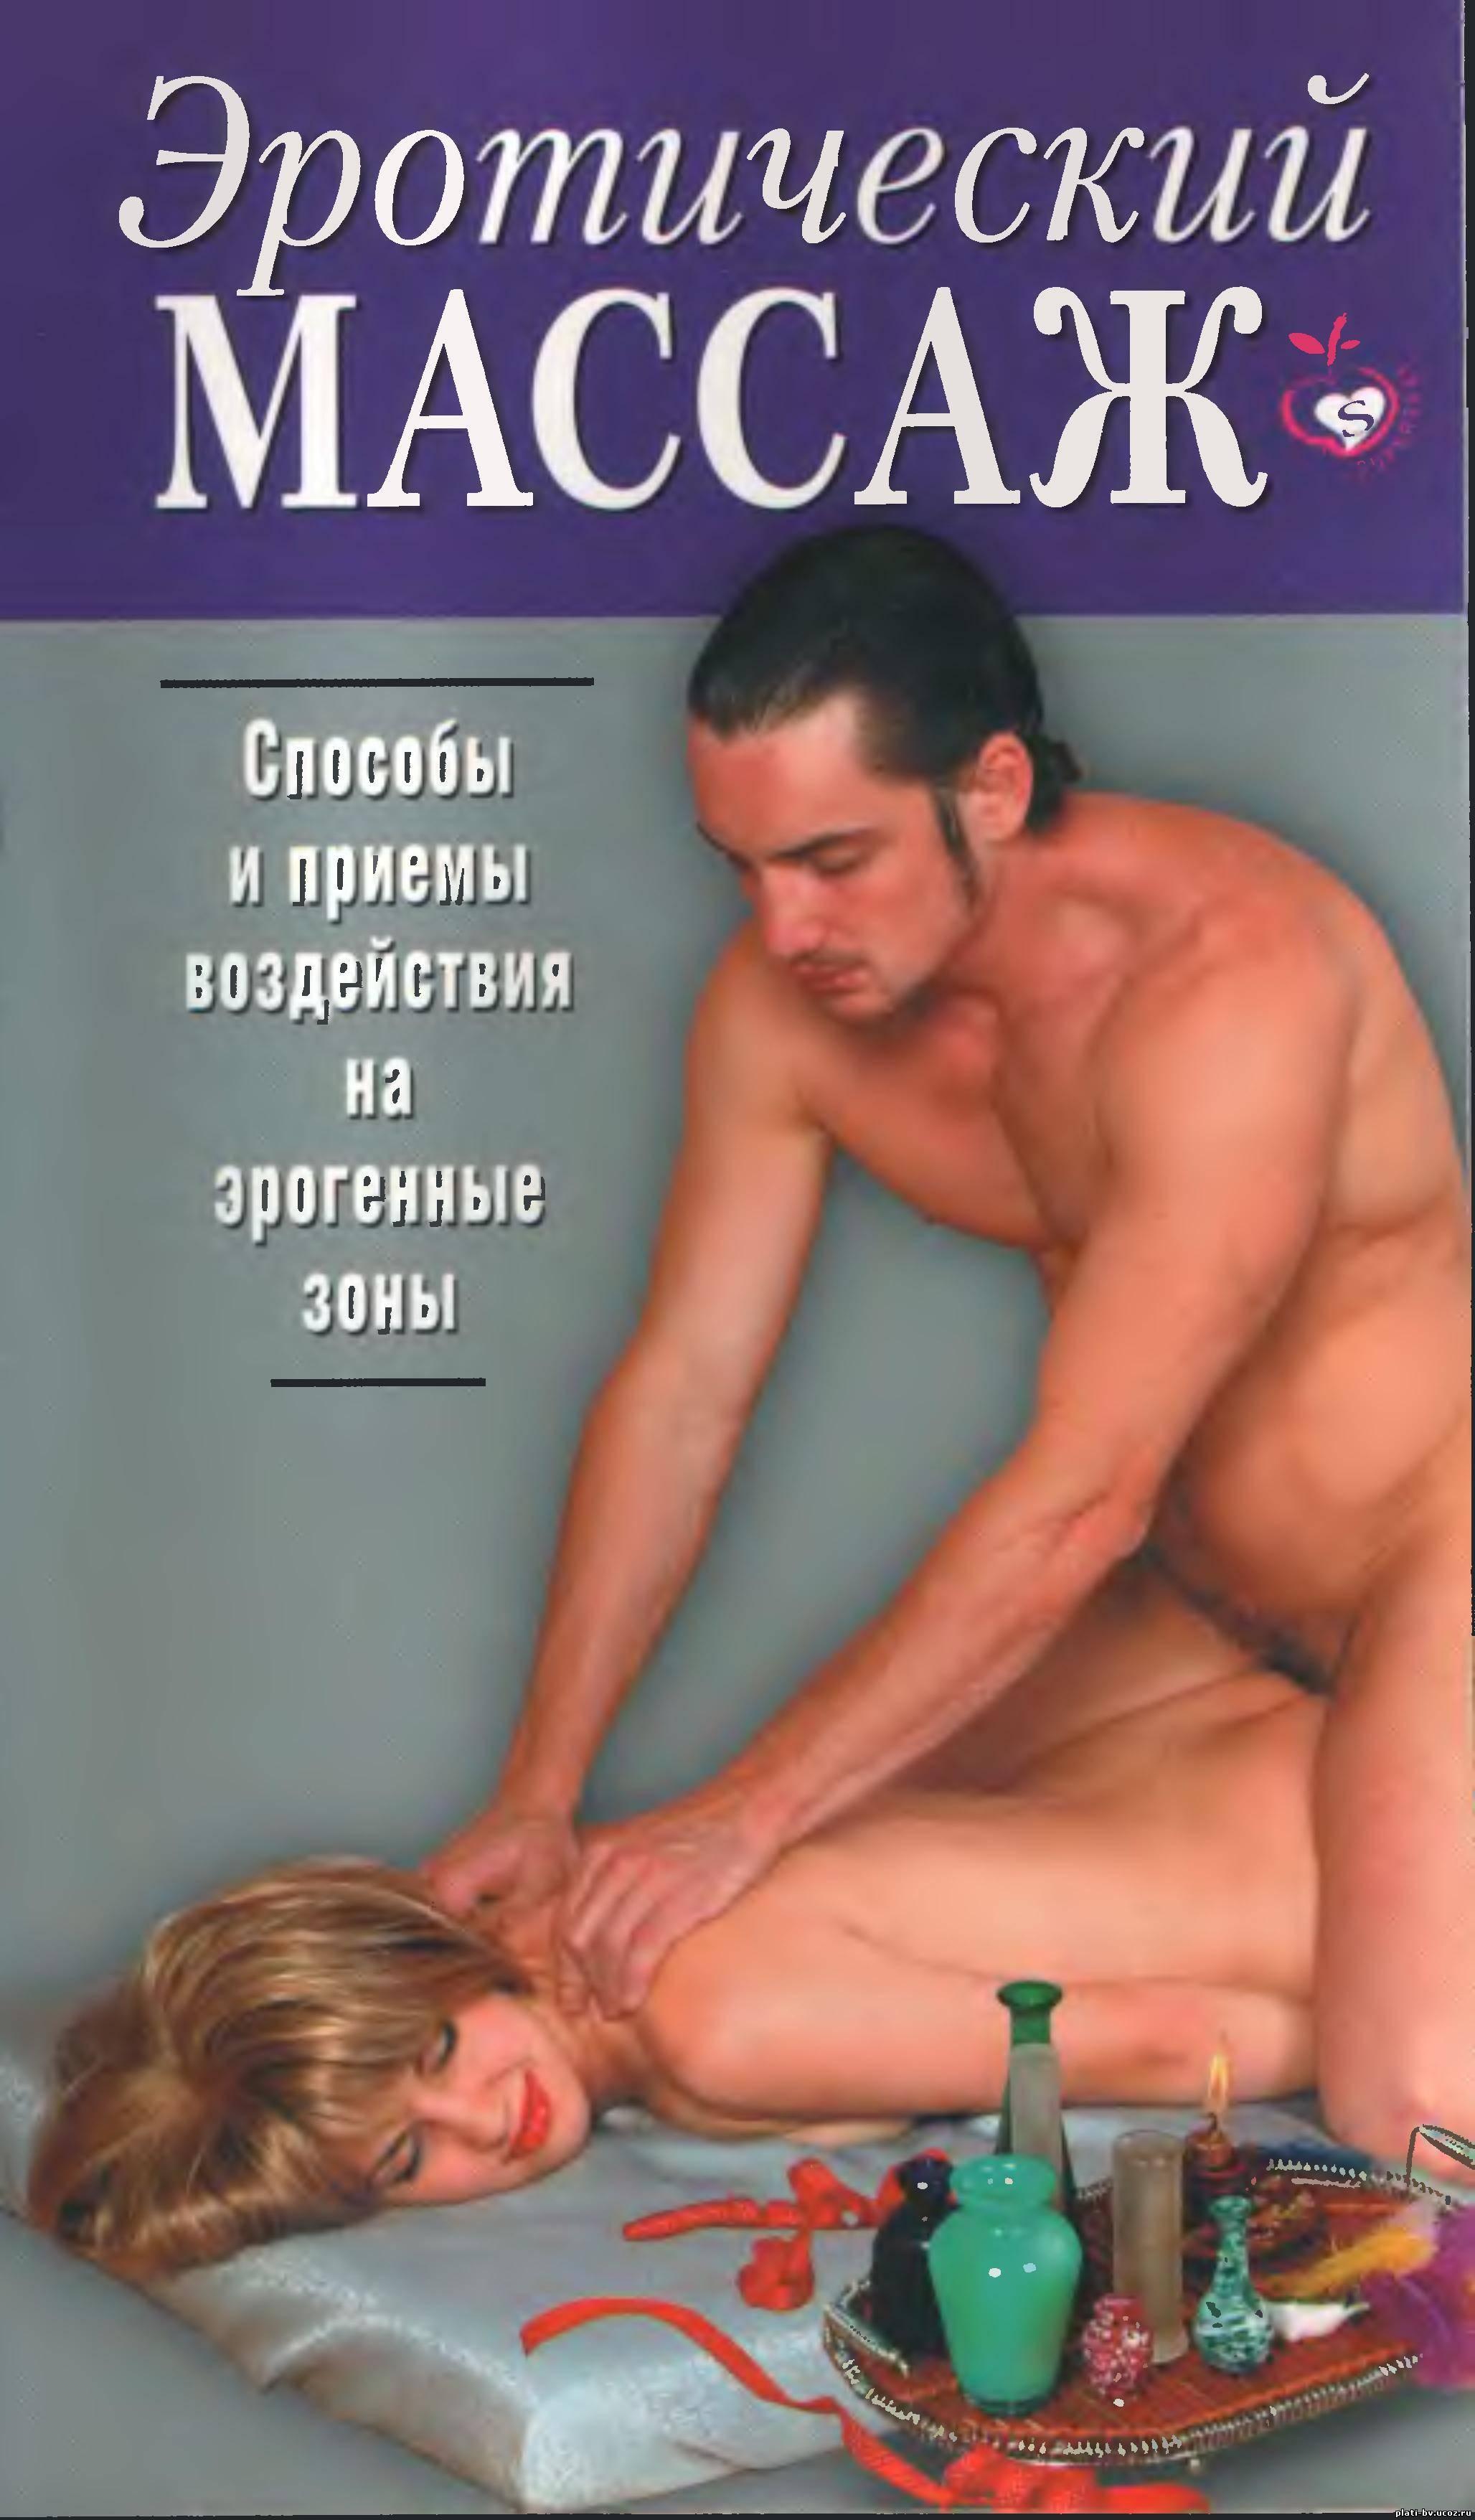 Эротические зоны у мужчин